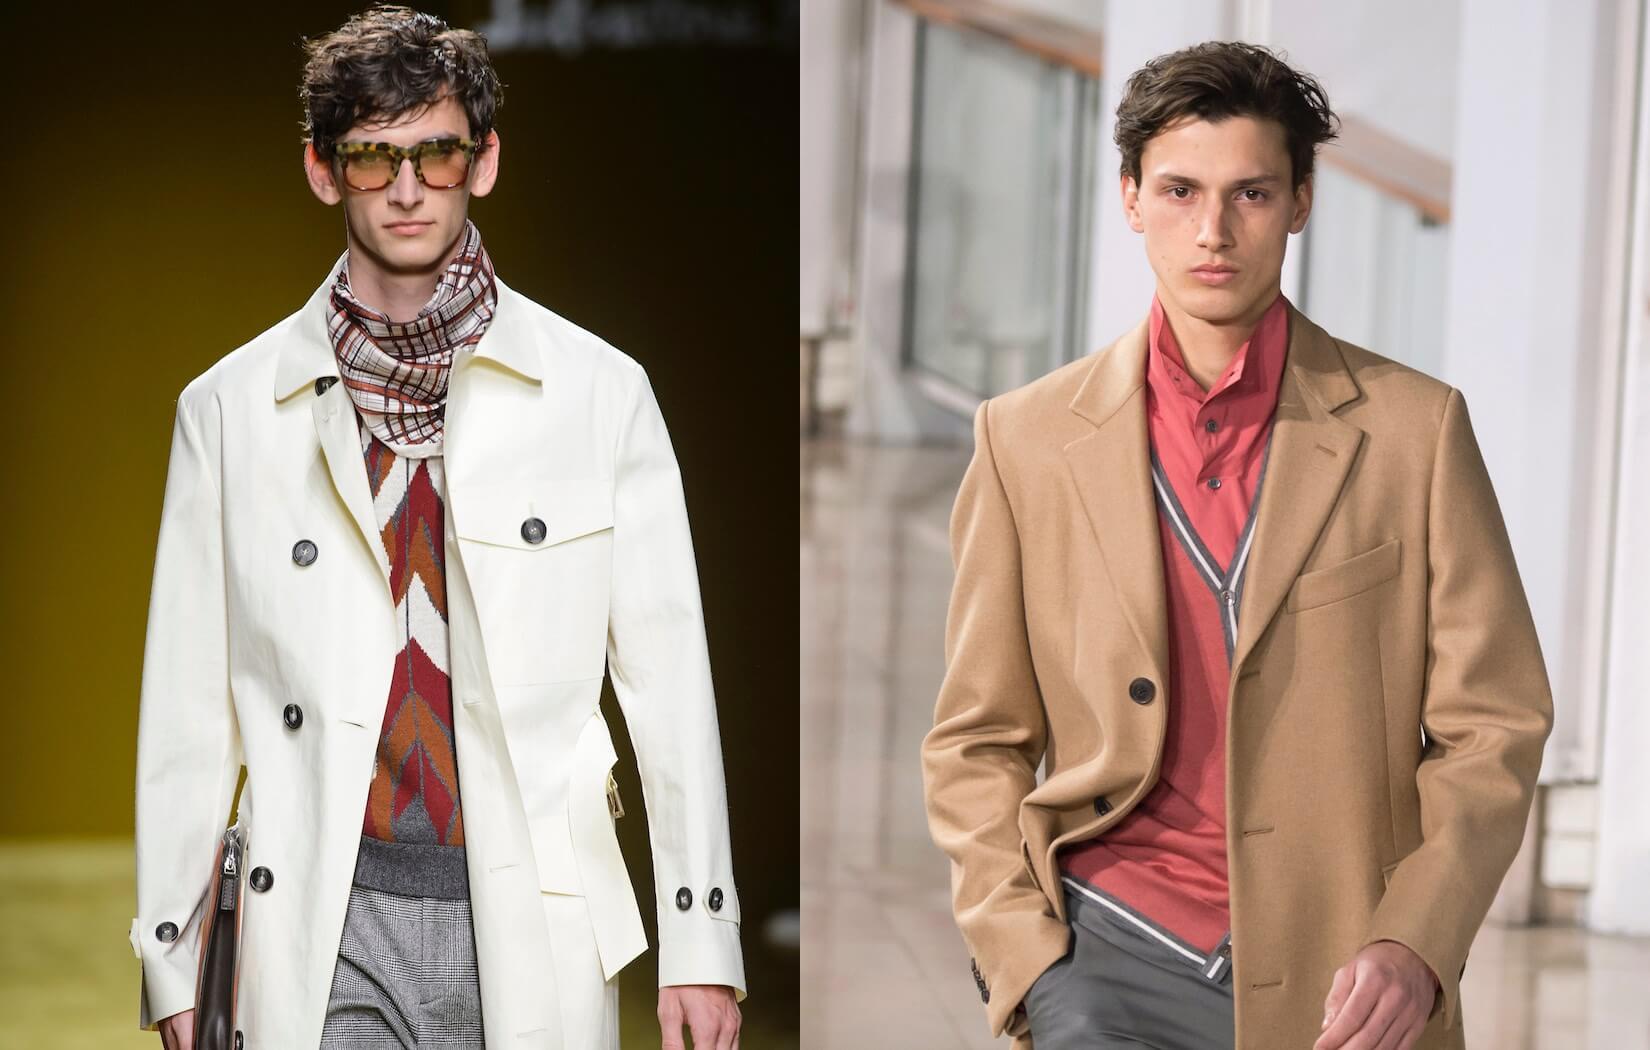 Foulard Uomo Matrimonio : Moda uomo trench e cappotti tra le tendenze dell inverno